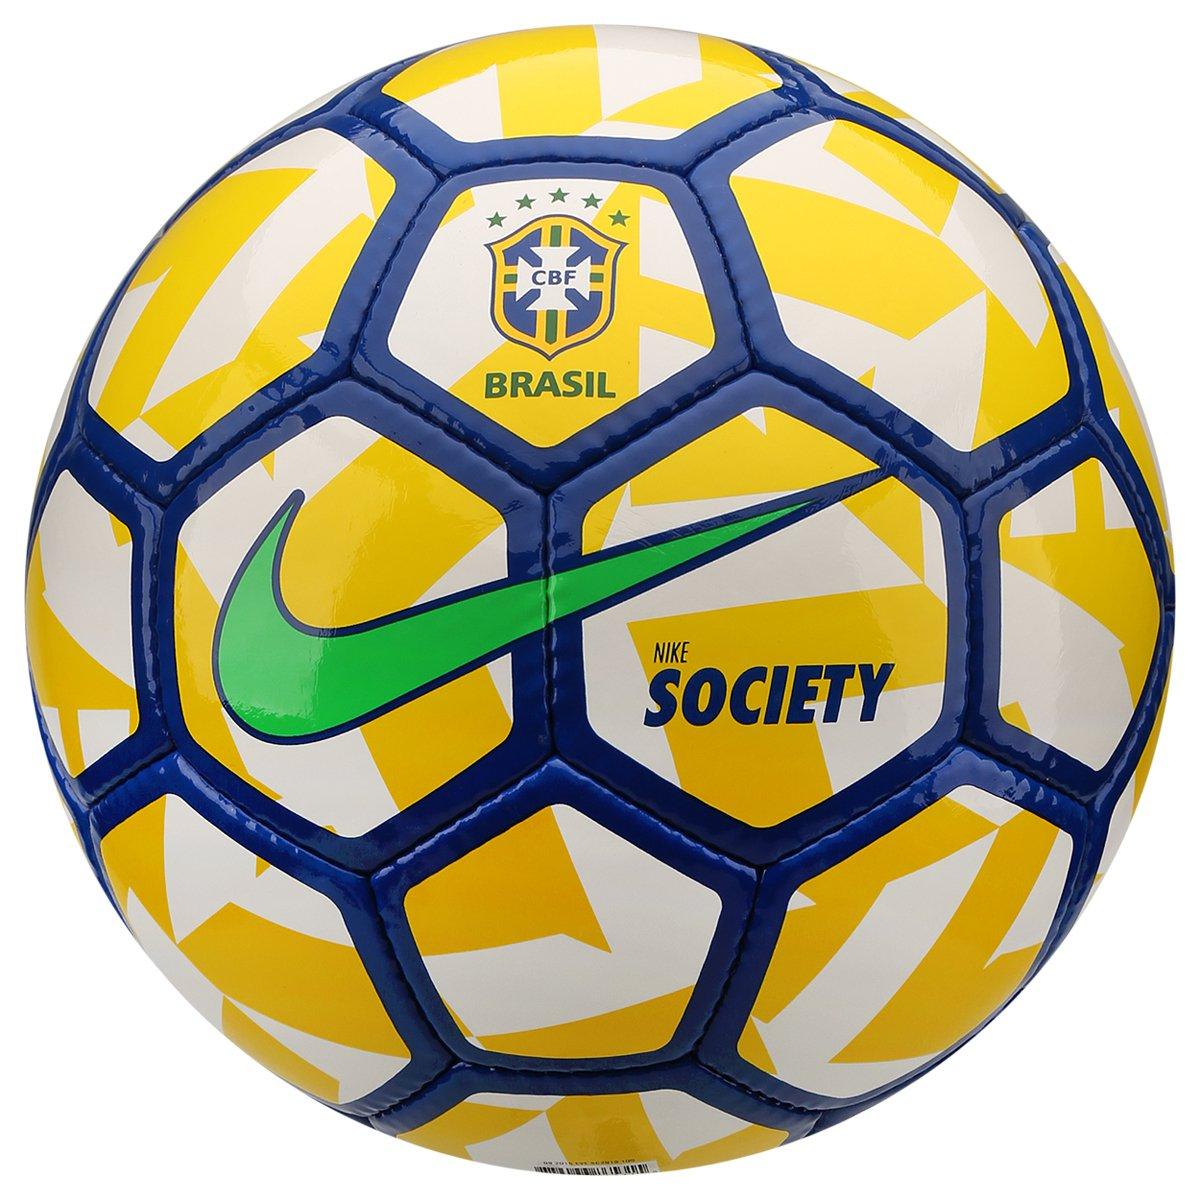 Bola Futebol Nike CBF Society - Compre Agora  71efbab7961d5